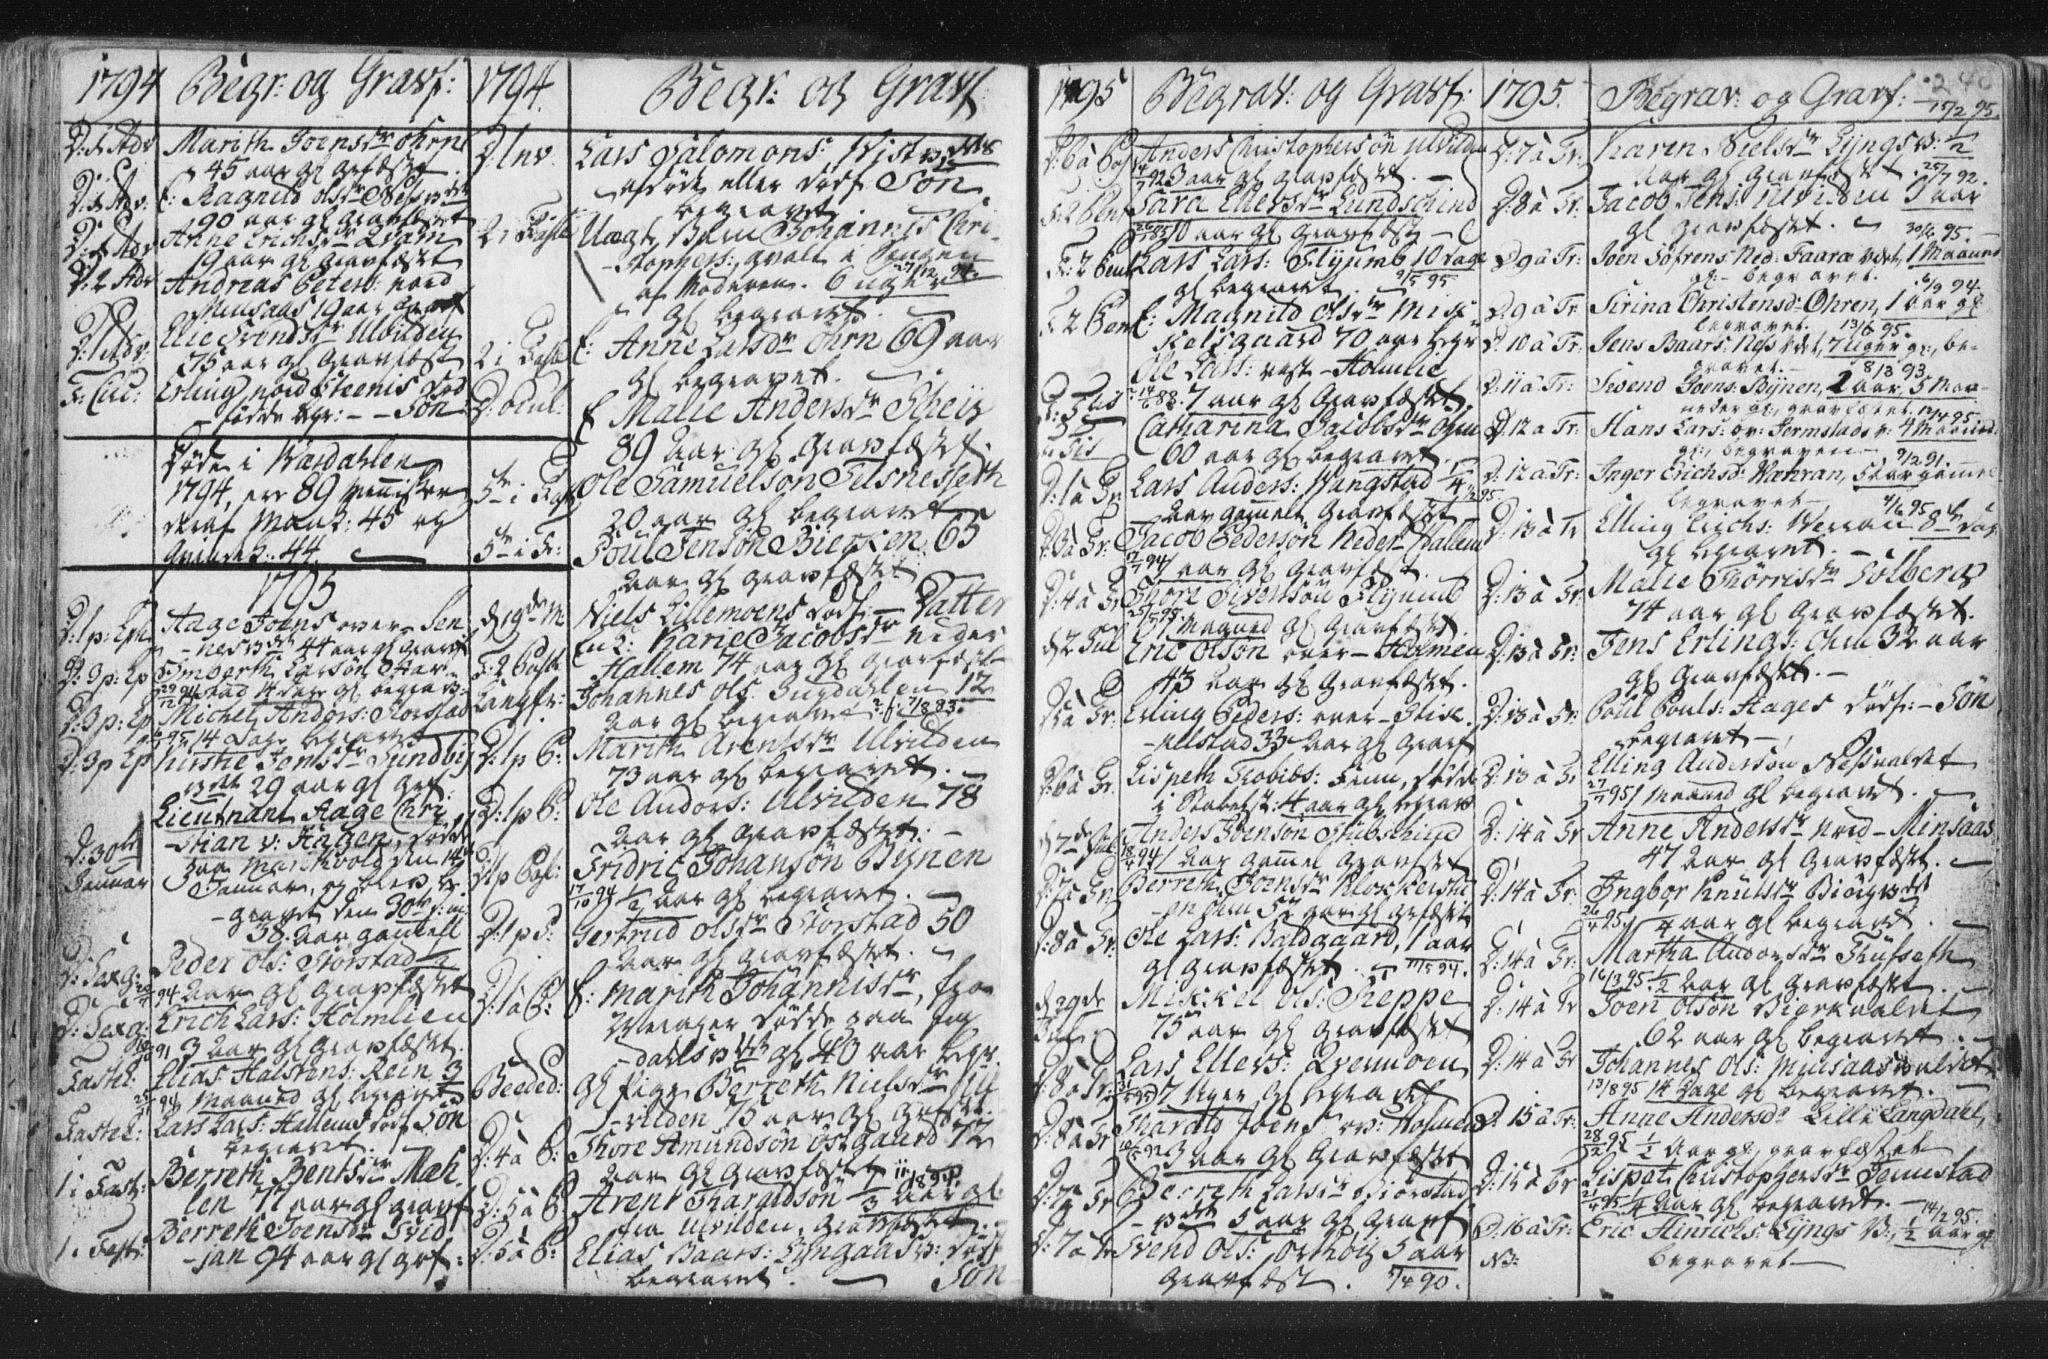 SAT, Ministerialprotokoller, klokkerbøker og fødselsregistre - Nord-Trøndelag, 723/L0232: Ministerialbok nr. 723A03, 1781-1804, s. 240